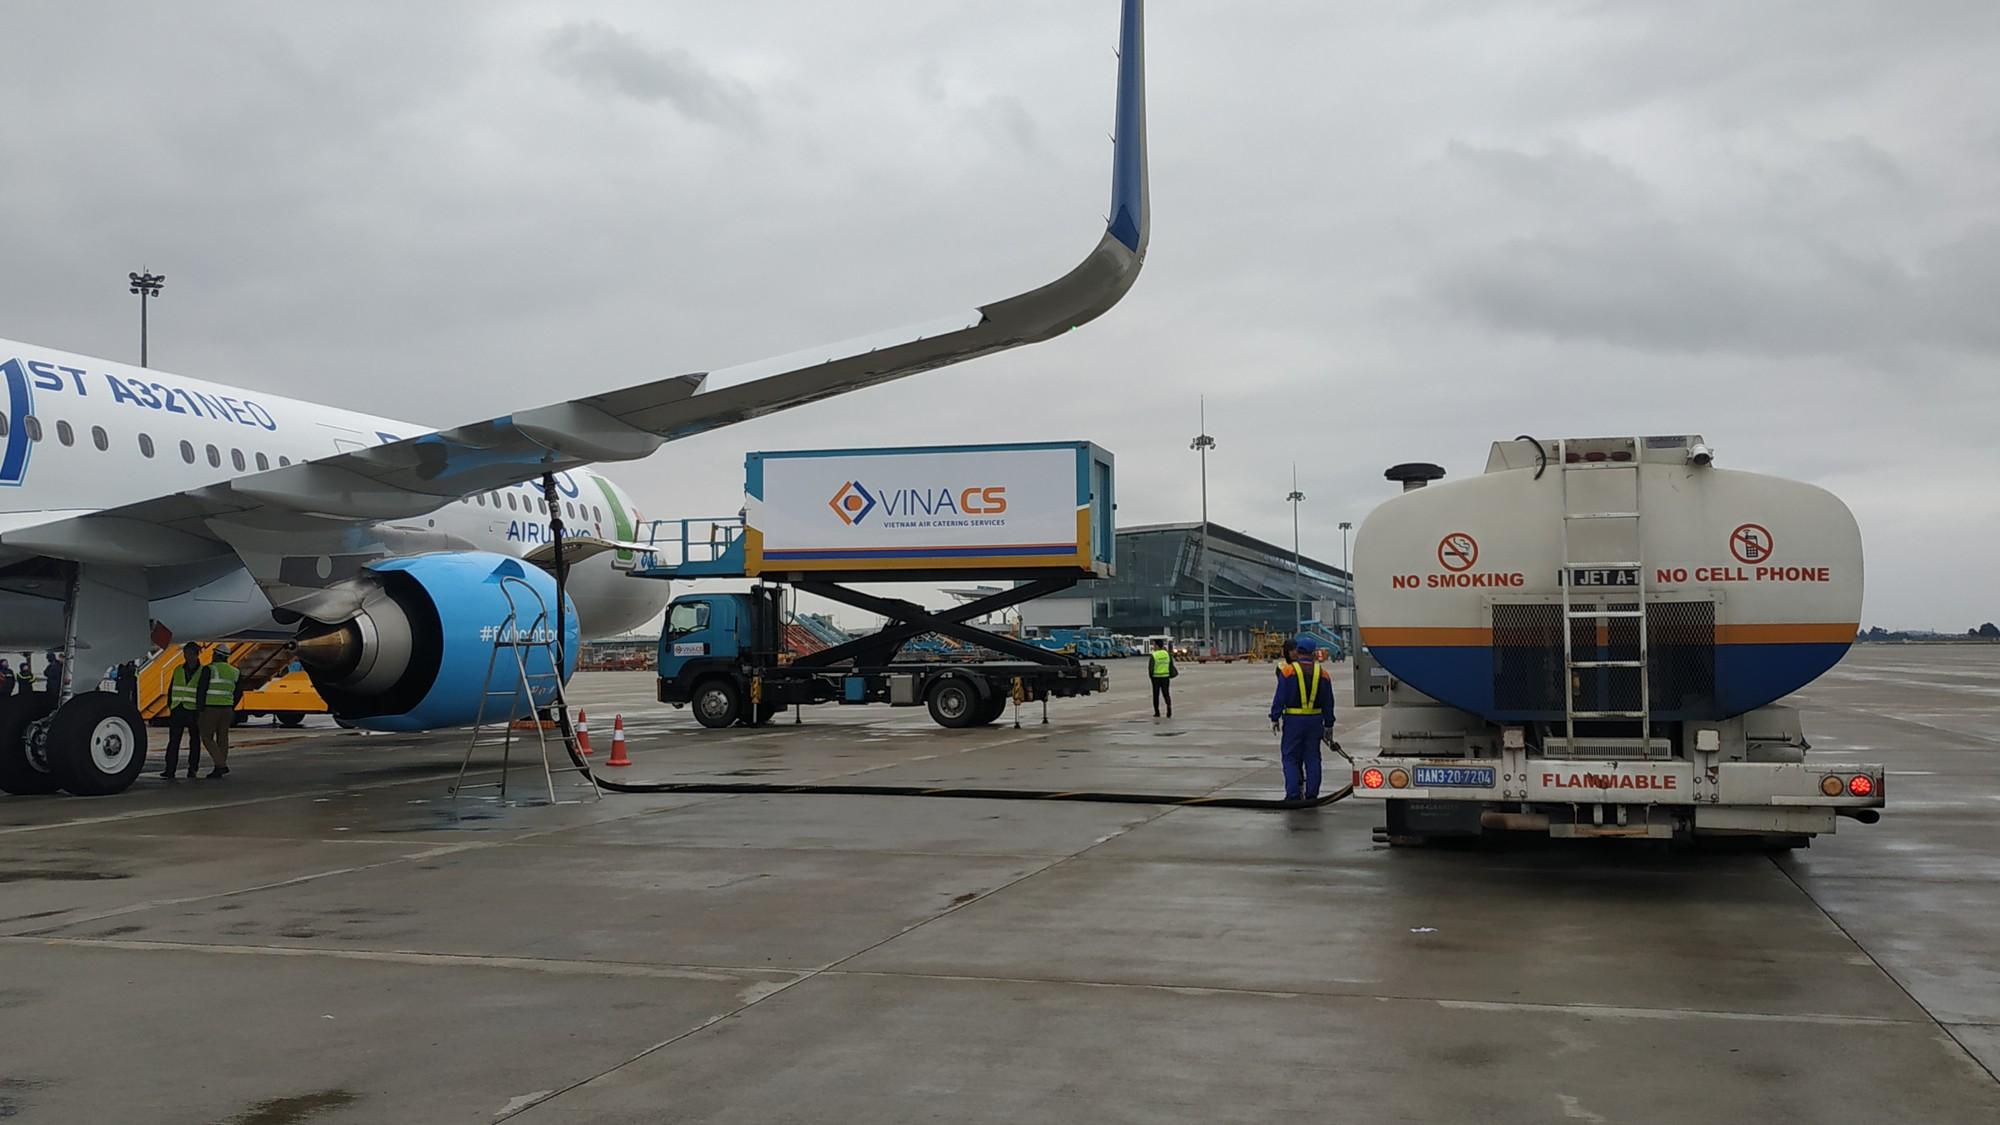 Cục Hàng không yêu cầu Bamboo Airways báo cáo về việc nợ quá hạn kéo dài - Ảnh 1.